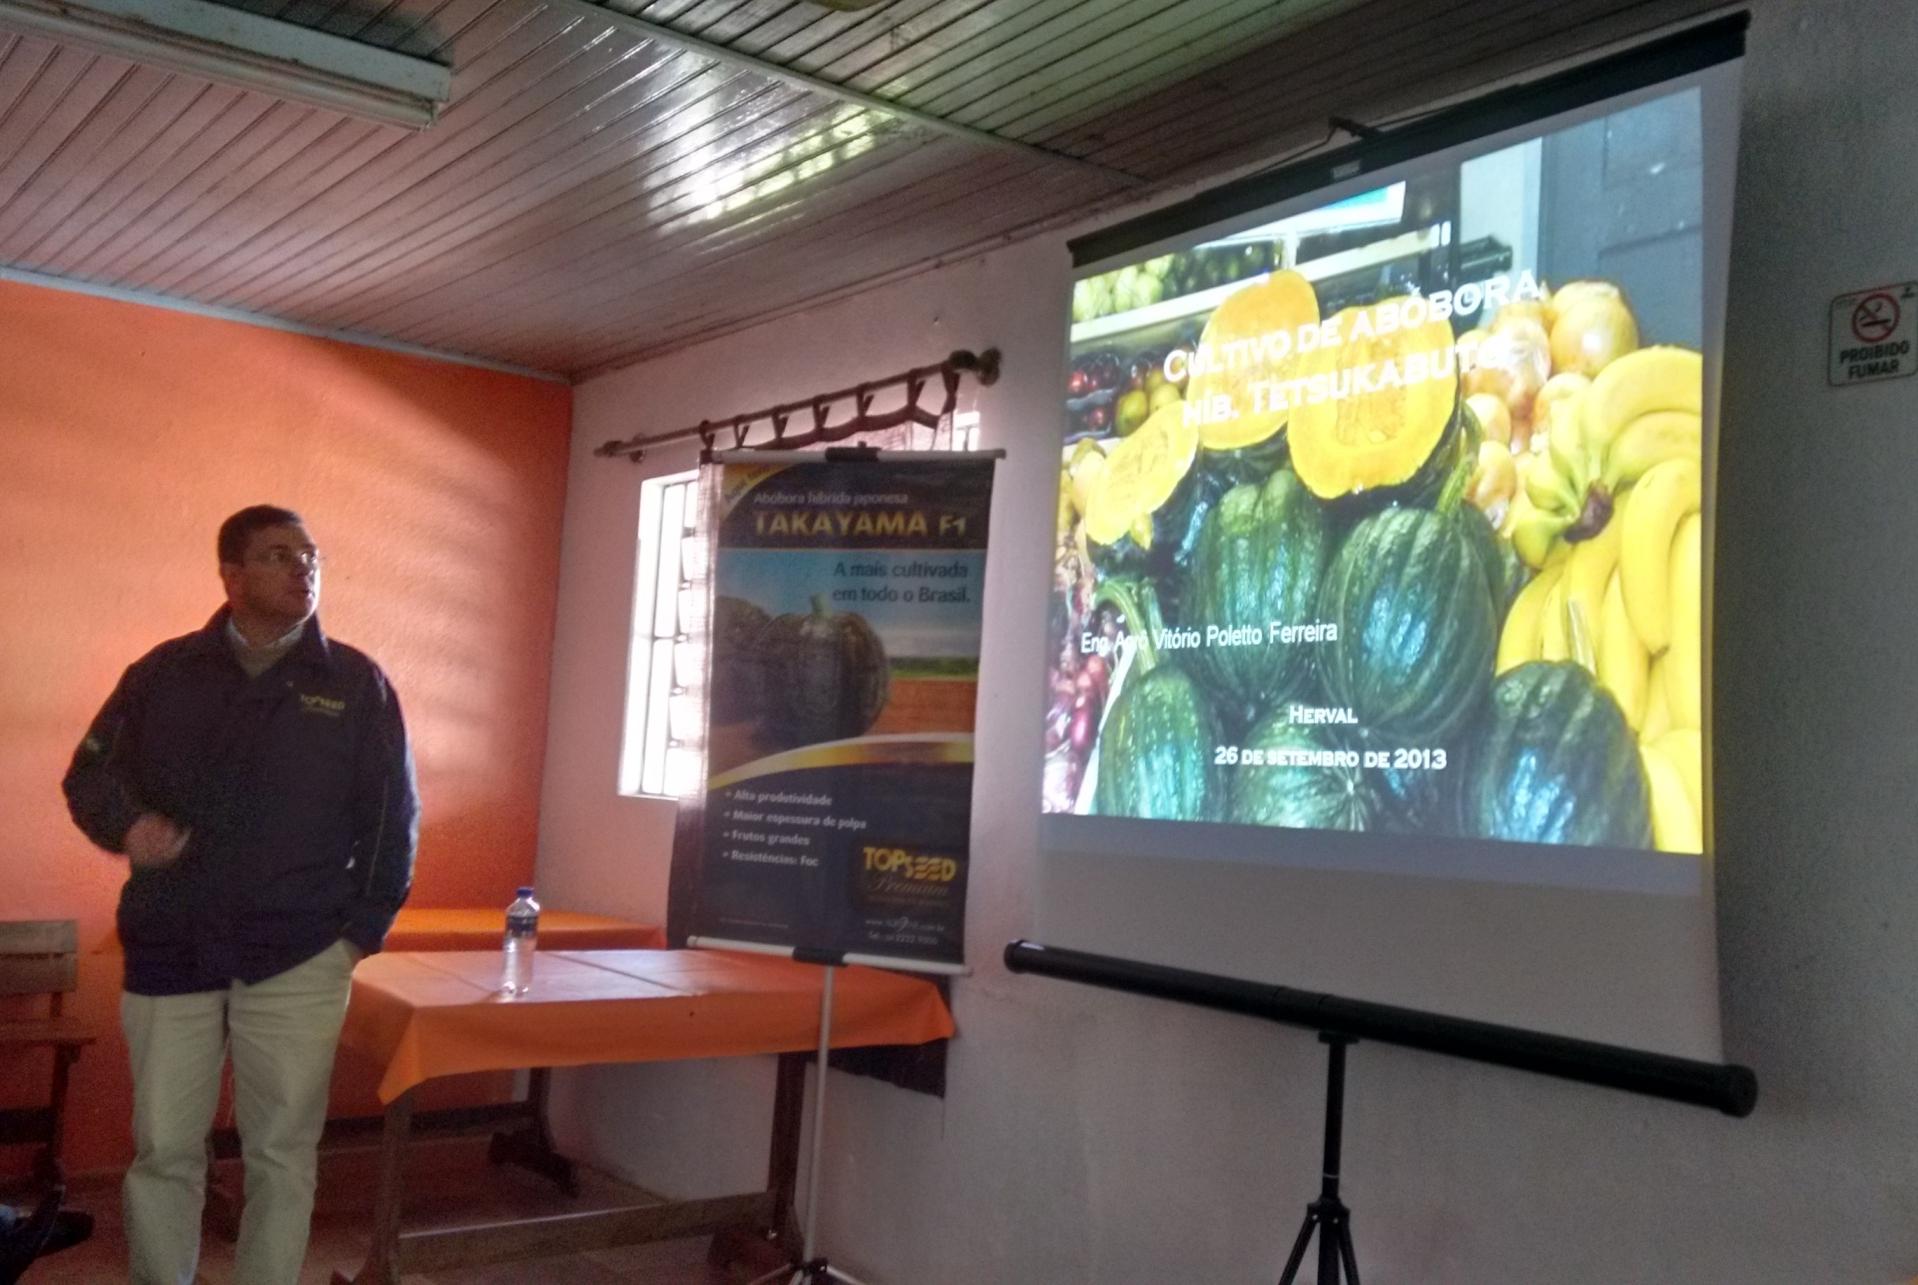 Topseed Premium realizou palestra sobre abóbora takayama em Herval (RS)